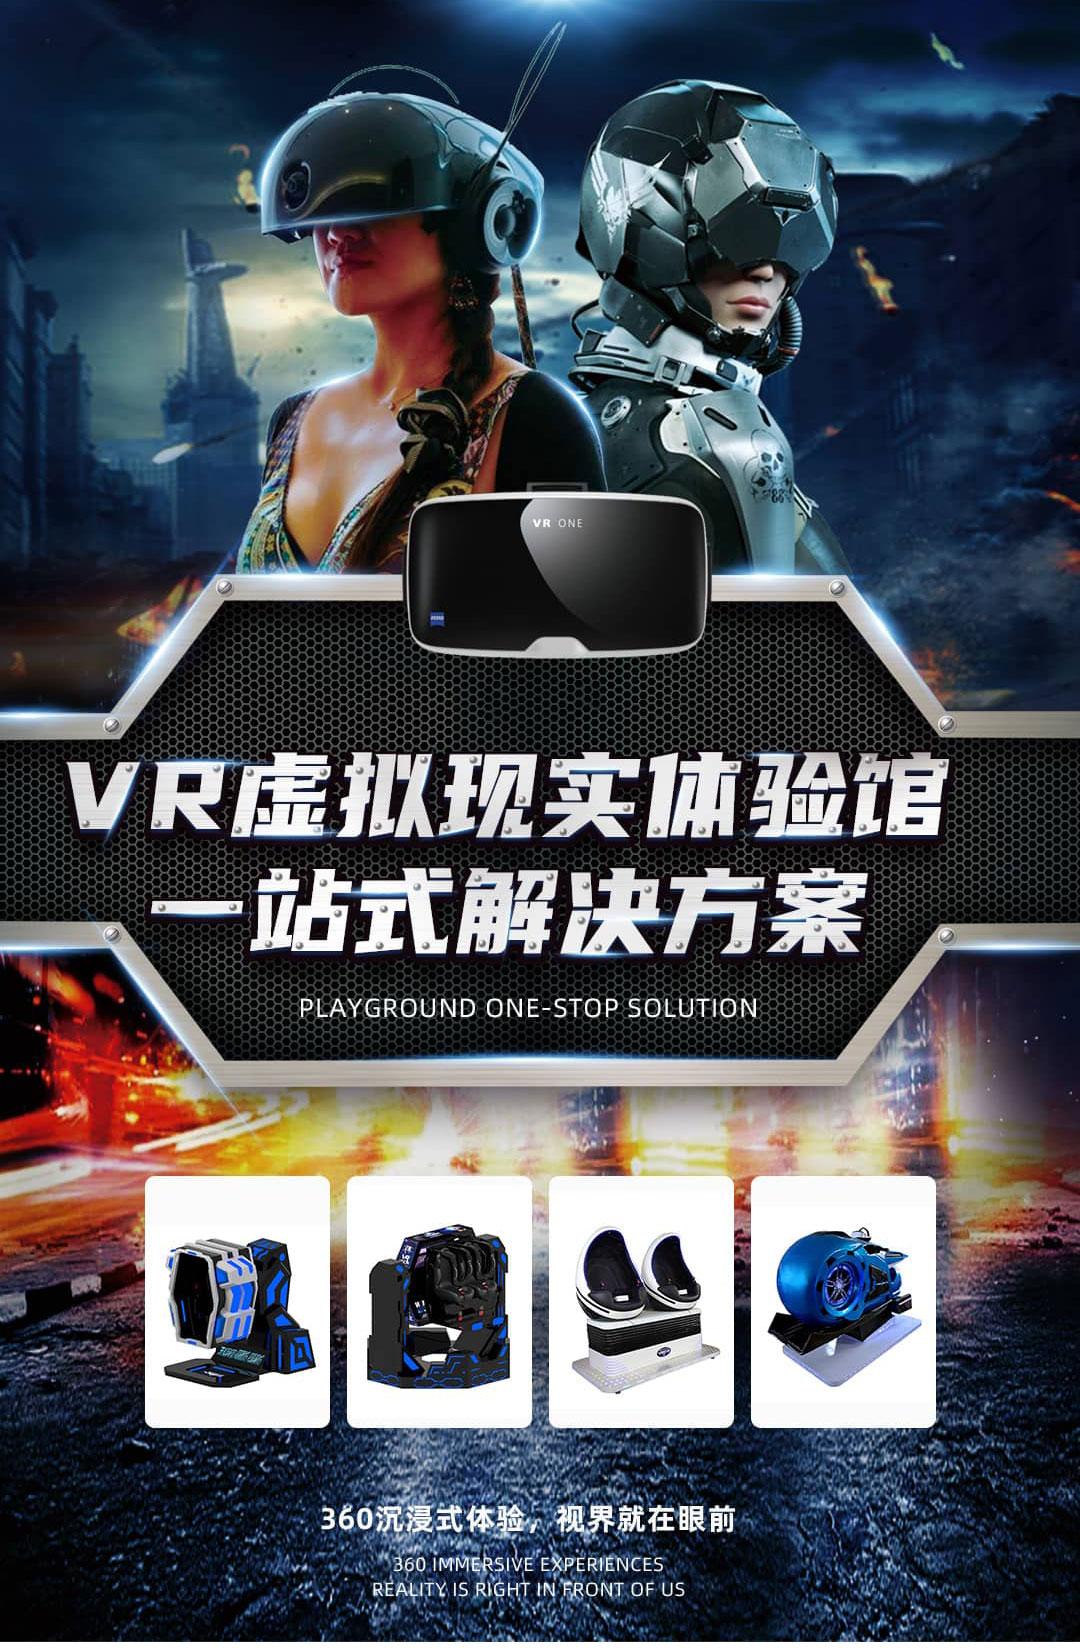 vr虚拟现实体验馆一站式解决方案